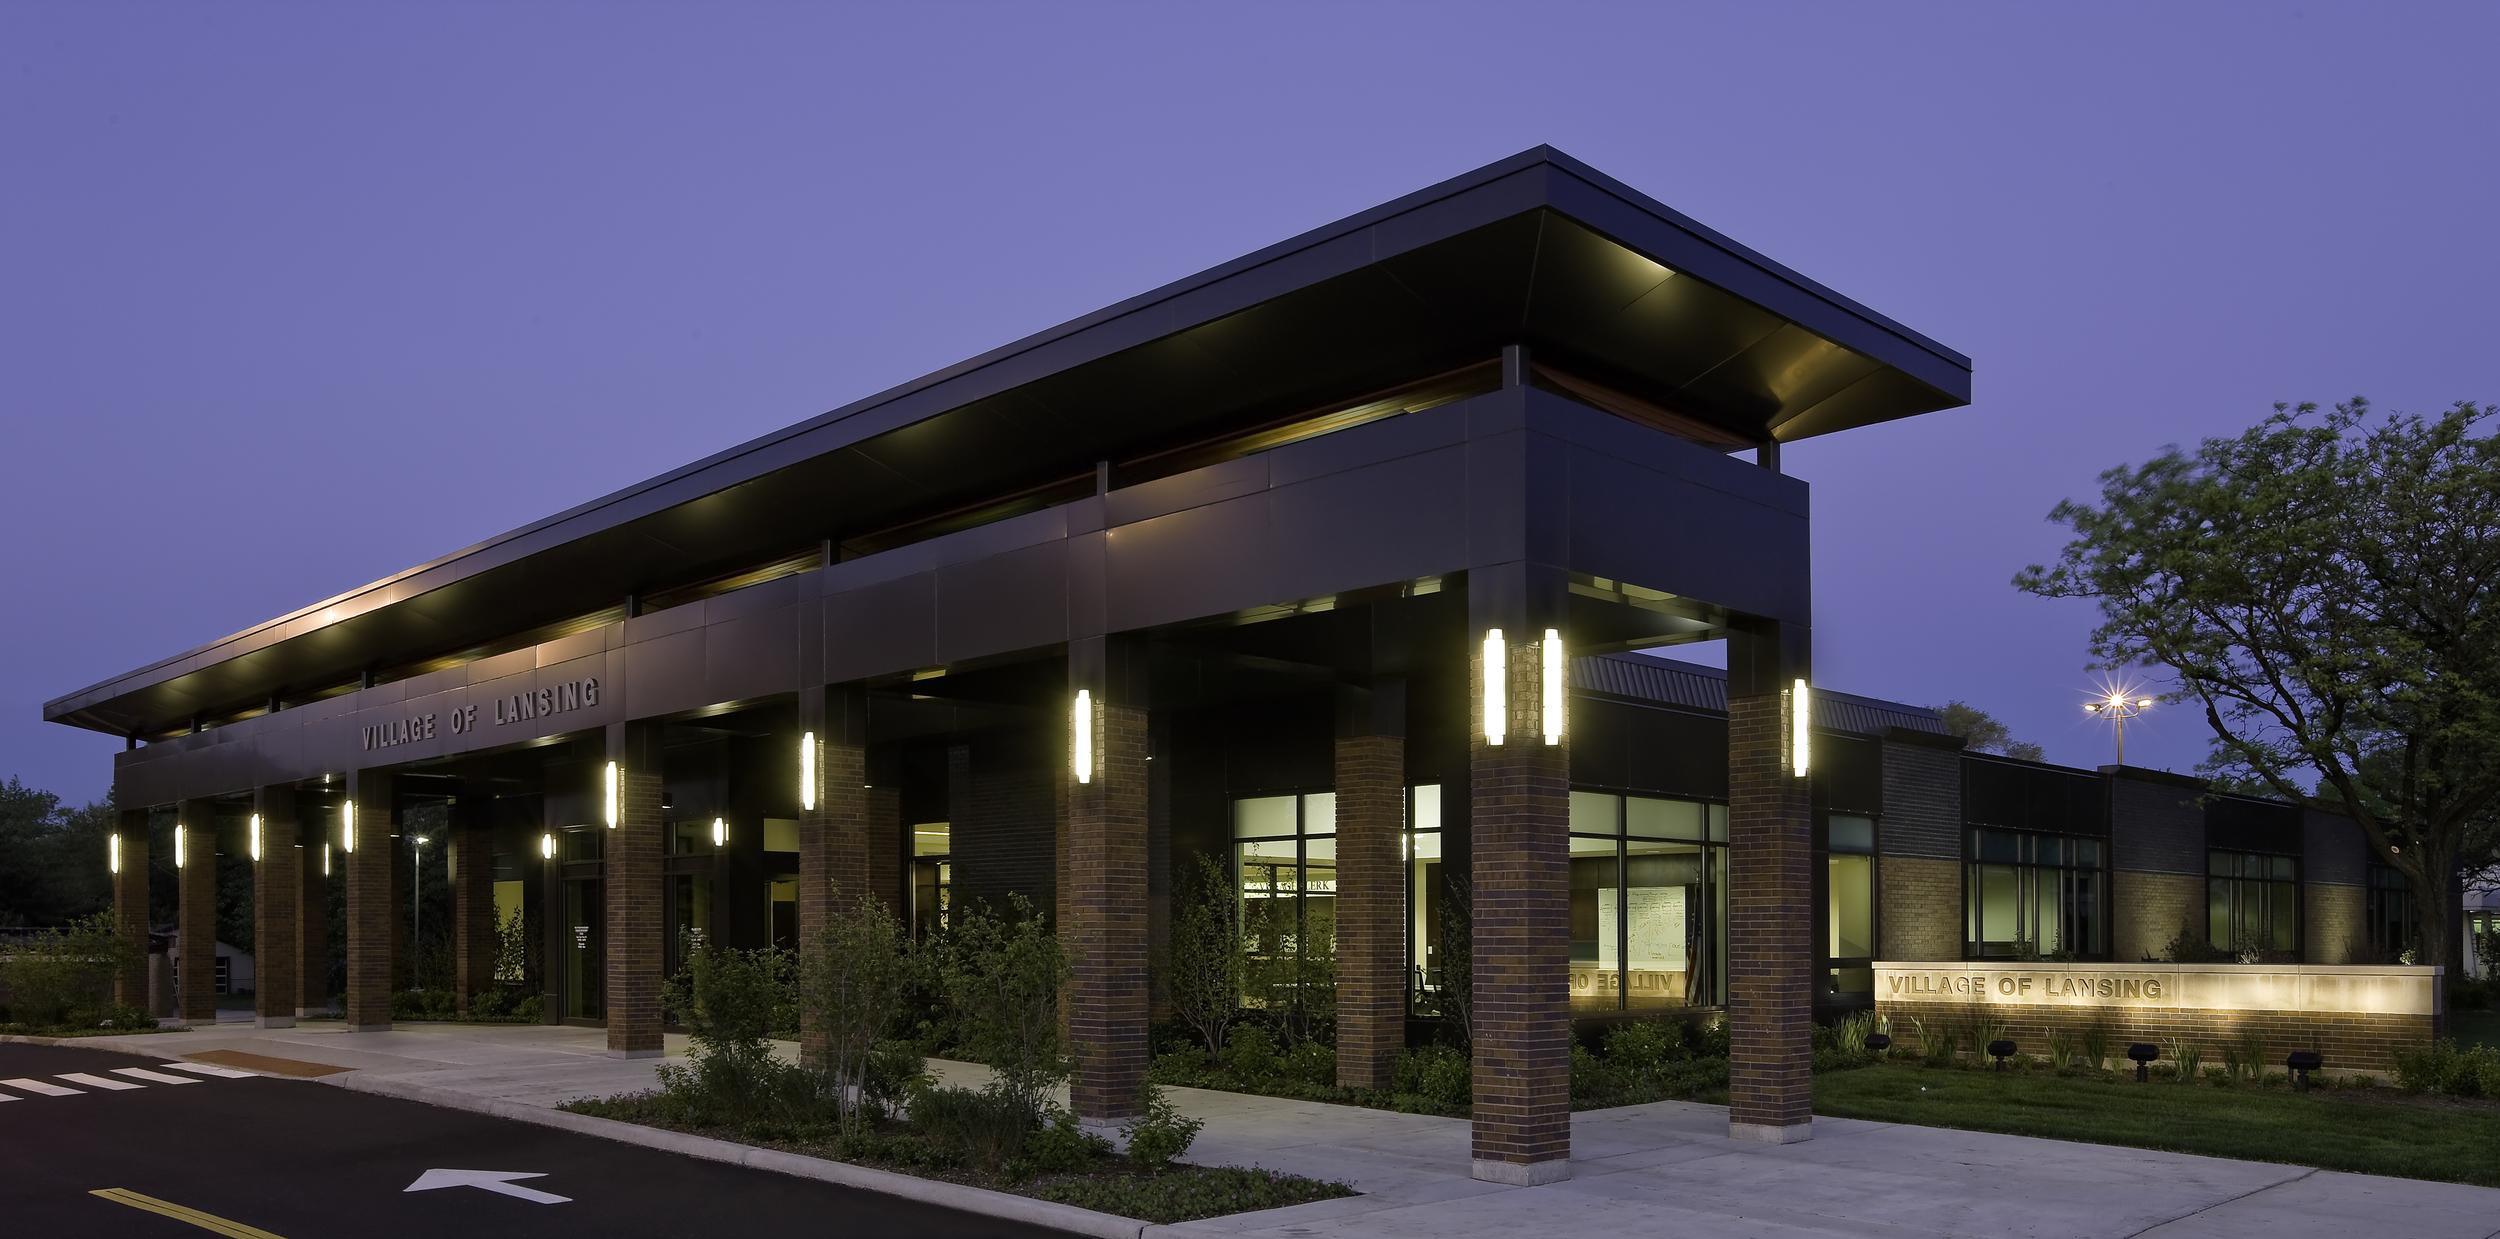 Lansing Municipal Center